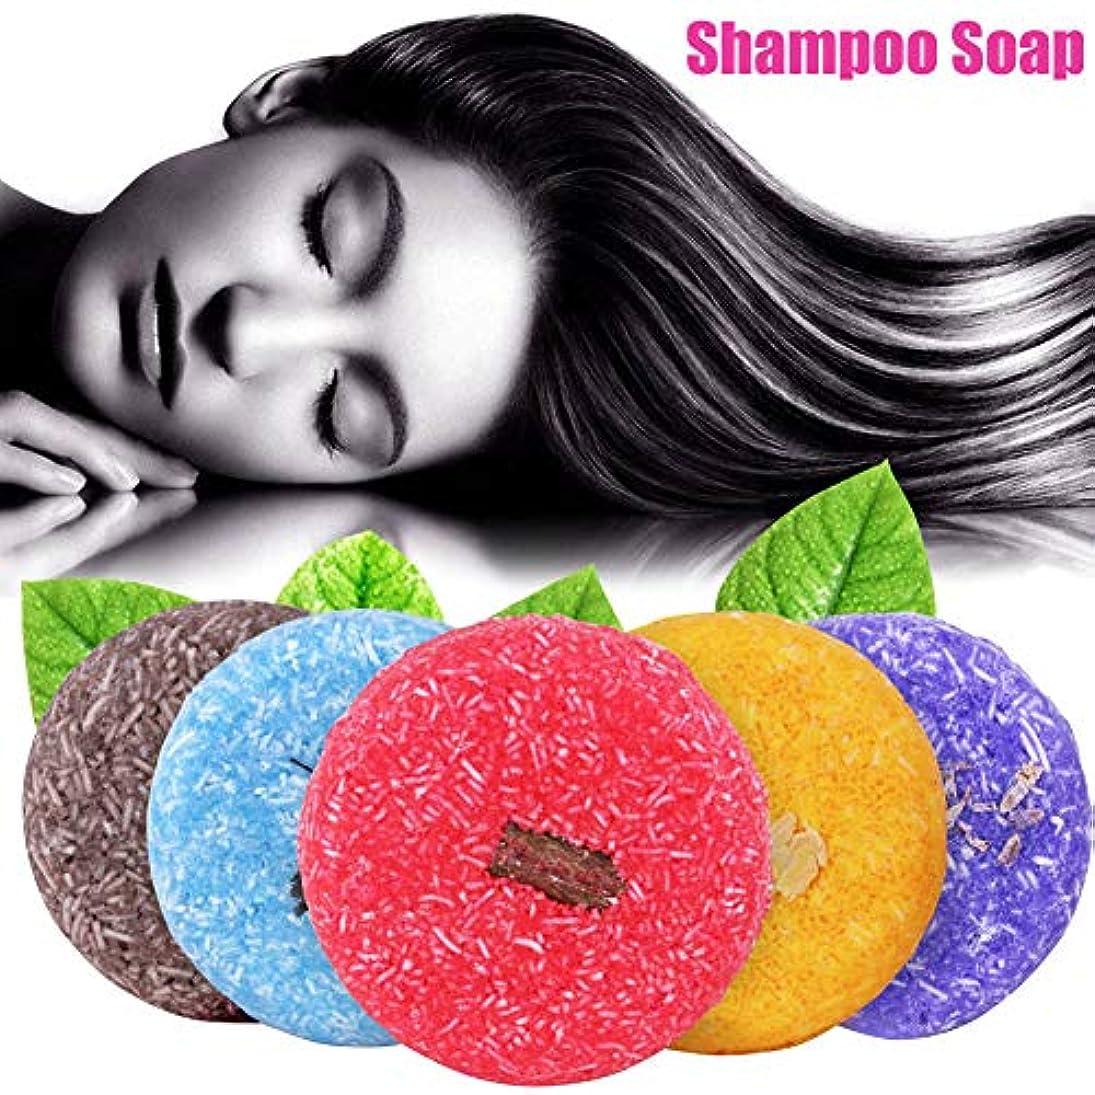 請求可能鍔ダニ石鹸 - Delaman 洗髪石鹸、シャンプー、頭皮ケア、ビューティ、クリームバー、センシティブマイルド、14種類、男女兼用 (Color : #8竹炭(BAMBOO CHARCOAL))